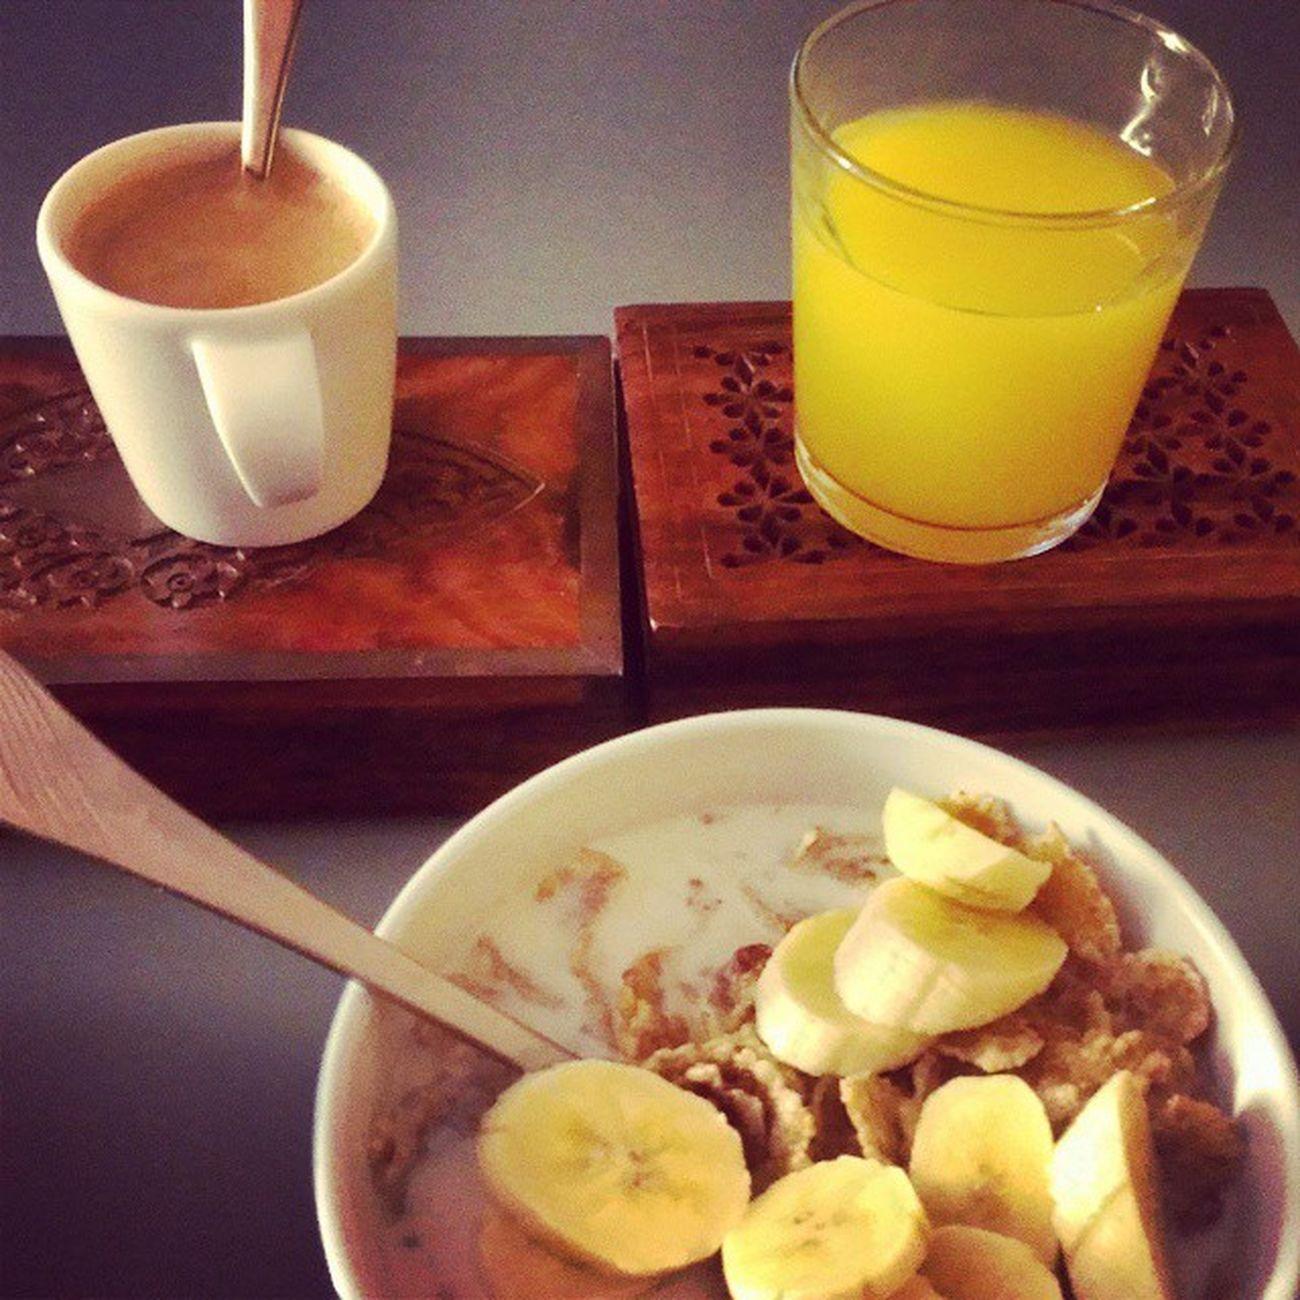 Me quedan 3 horas para comer, pero aún así yo desayuno bien !! Desayunos Buenosdias Morning Picsoftheday instagood instadesayuno breakfast instabreakfast foodpic foodgasm foodporn likeforlike f4f iggers instamisdesayunossonlahostia corn juice espresso coffeeholic coffeelovers